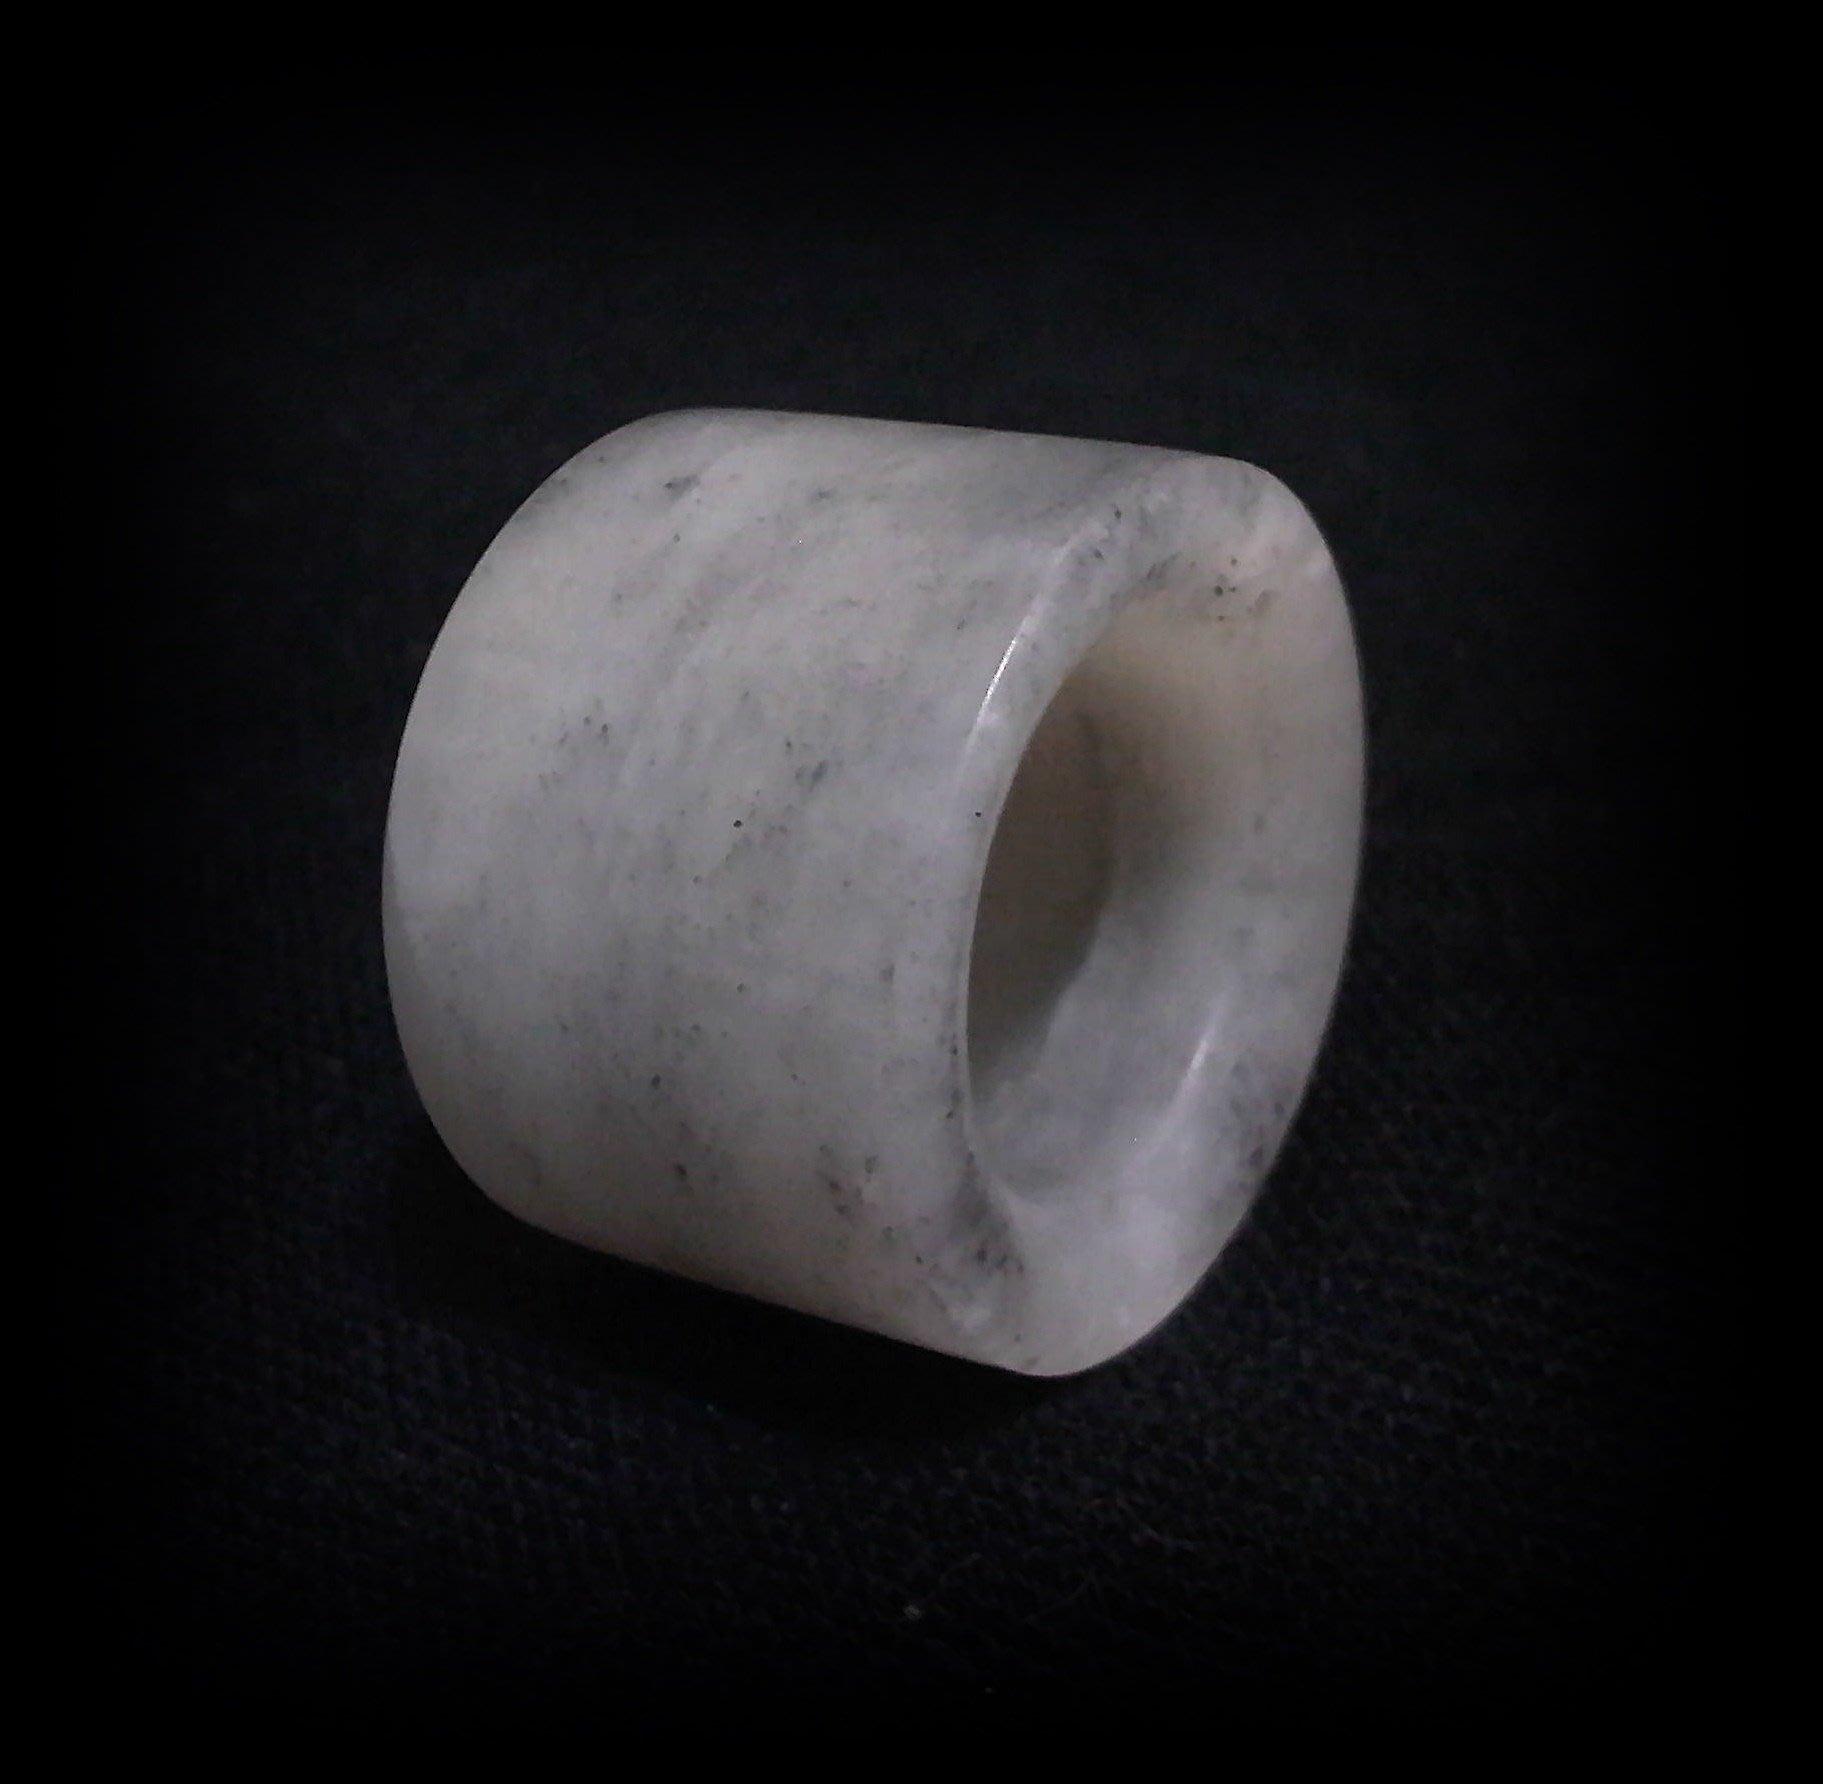 【牟根古董-170111】 A貨 正宗和闐 墨白玉 搬指